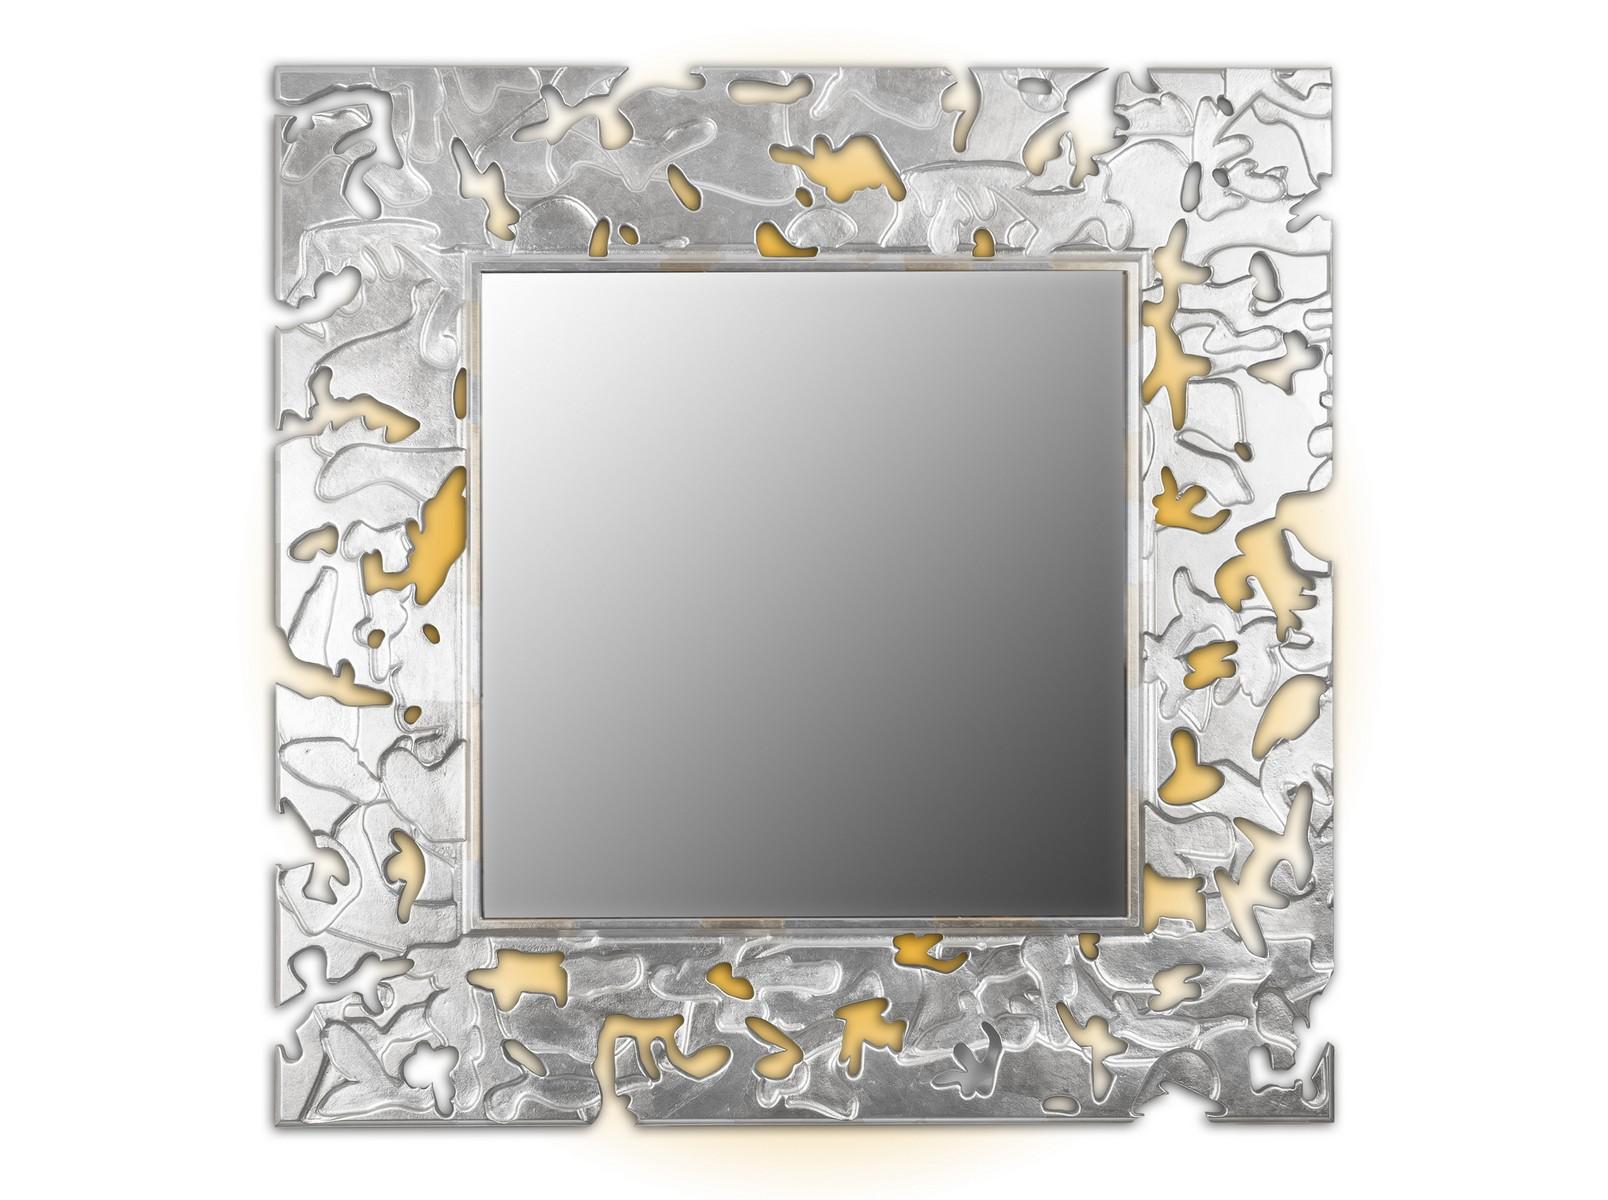 Зеркало CAMOUFLAGEНастенные зеркала<br>Данный вариант представлен в квадратной форме, цвет: золото и серебро.&amp;lt;div&amp;gt;&amp;lt;br&amp;gt;&amp;lt;/div&amp;gt;&amp;lt;div&amp;gt;&amp;lt;p class=&amp;quot;MsoNormal&amp;quot;&amp;gt;Товарное предложение оснащено светодиодной подсветкой.&amp;lt;o:p&amp;gt;&amp;lt;/o:p&amp;gt;&amp;lt;/p&amp;gt;&amp;lt;/div&amp;gt;<br><br>Material: Дерево